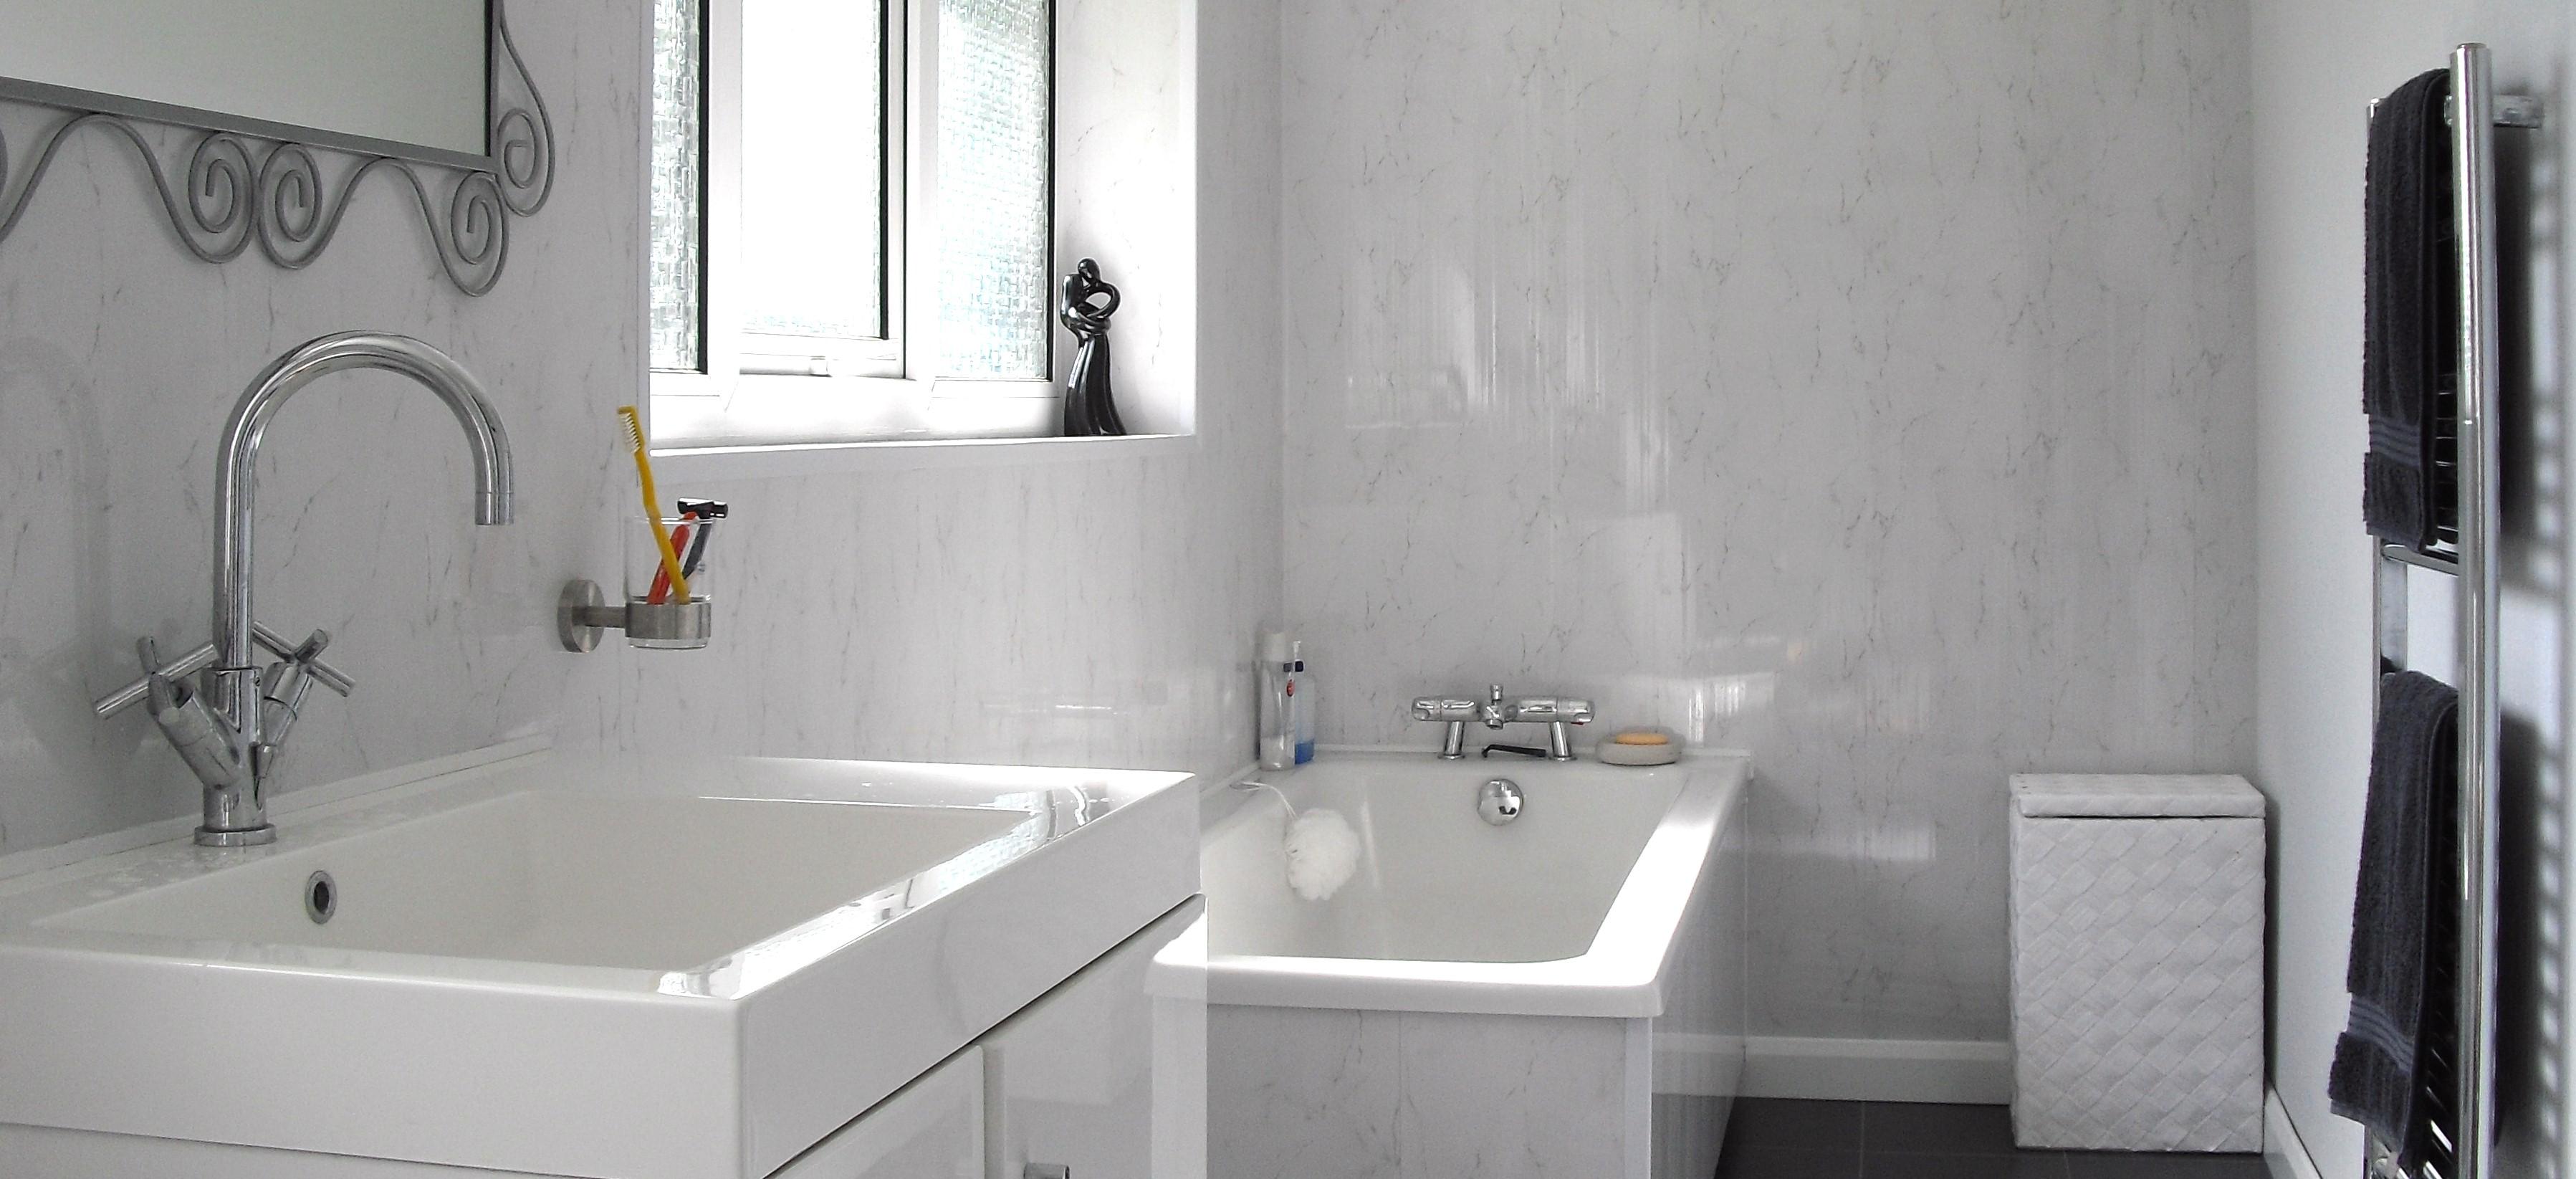 Ремонт туалета панелями ПВХ